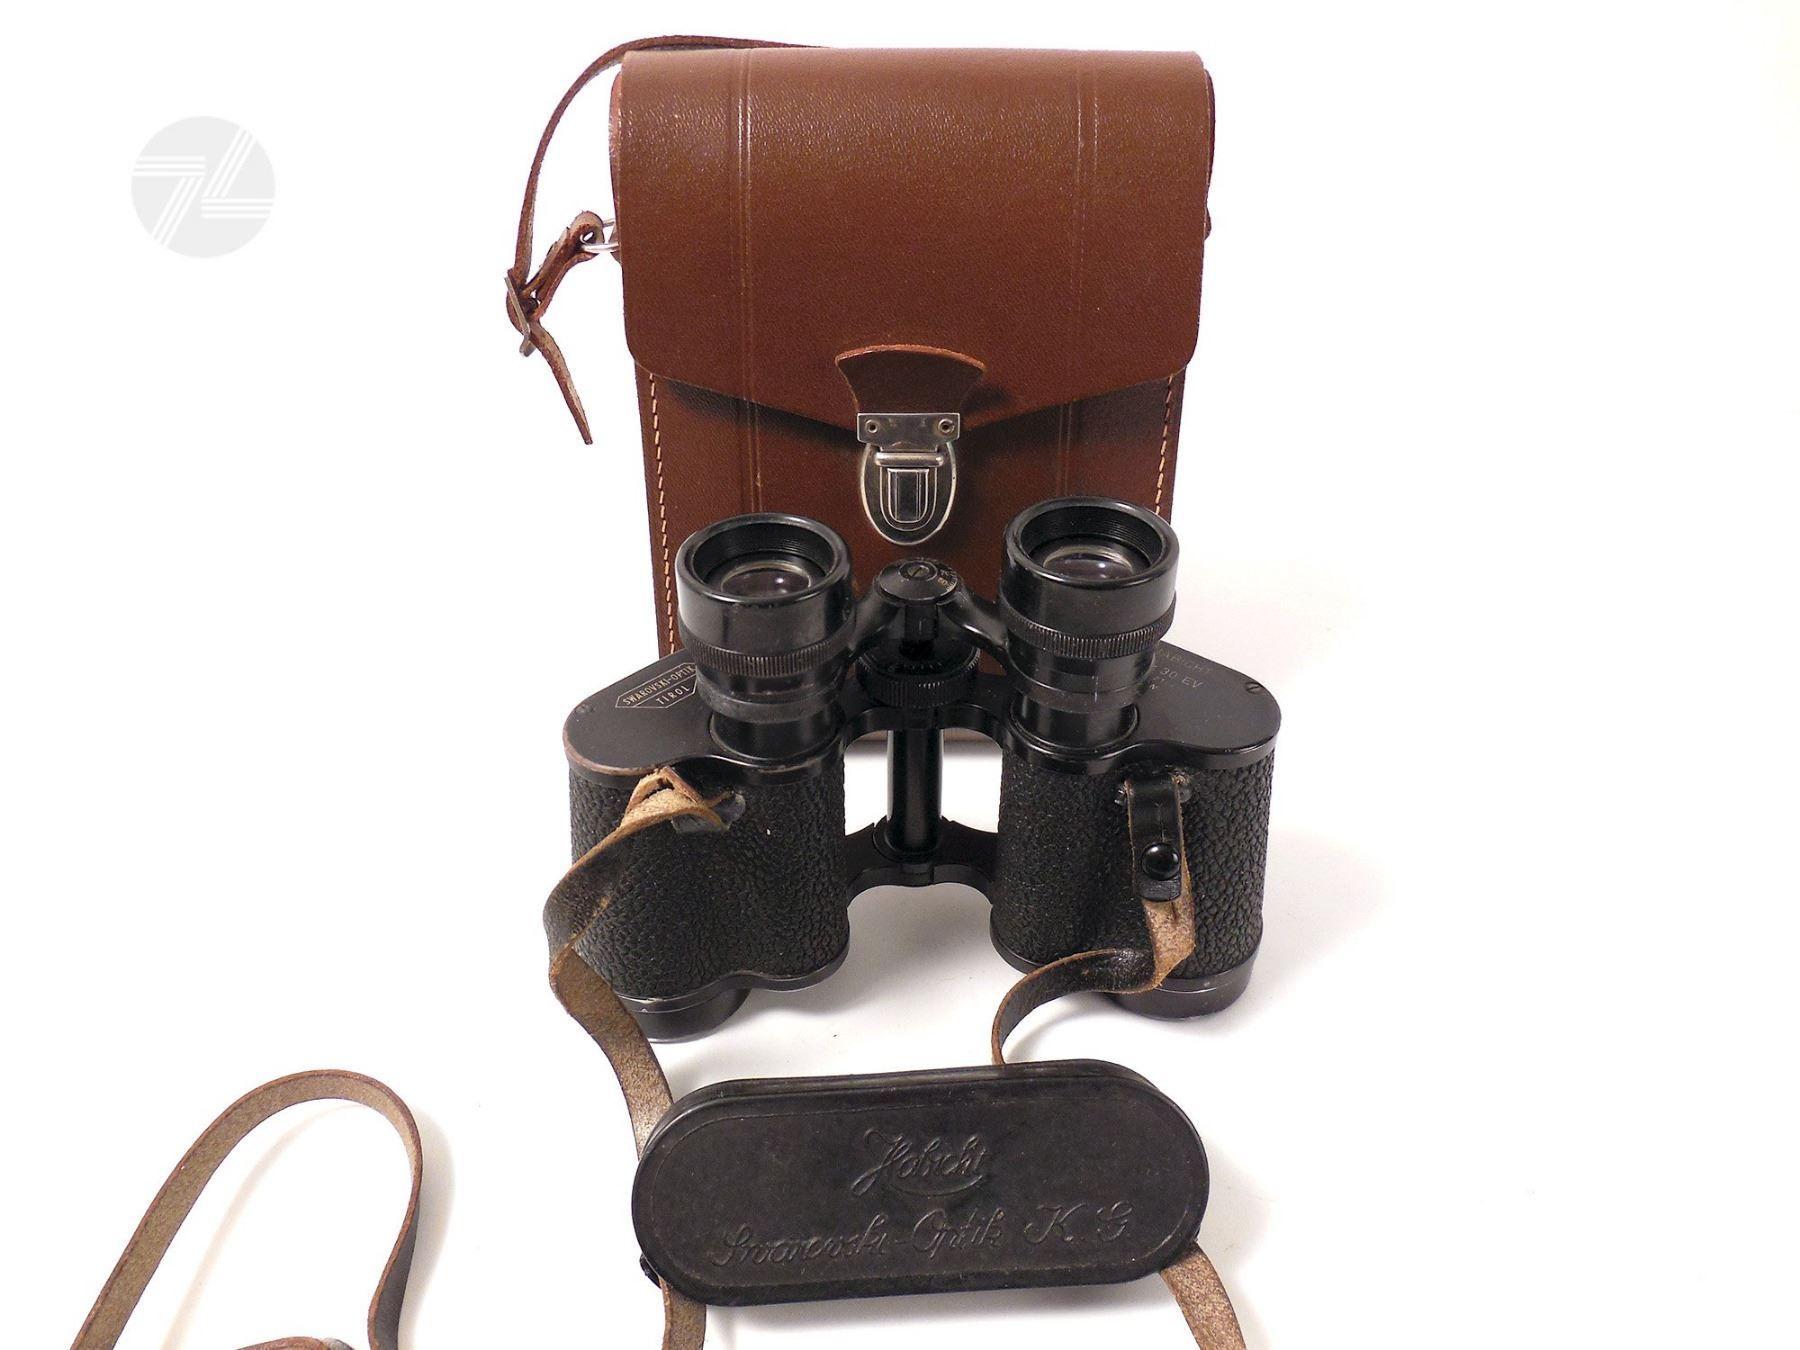 Swarovski habicht 8x30 w fernglas etui cyan74.com #vintage